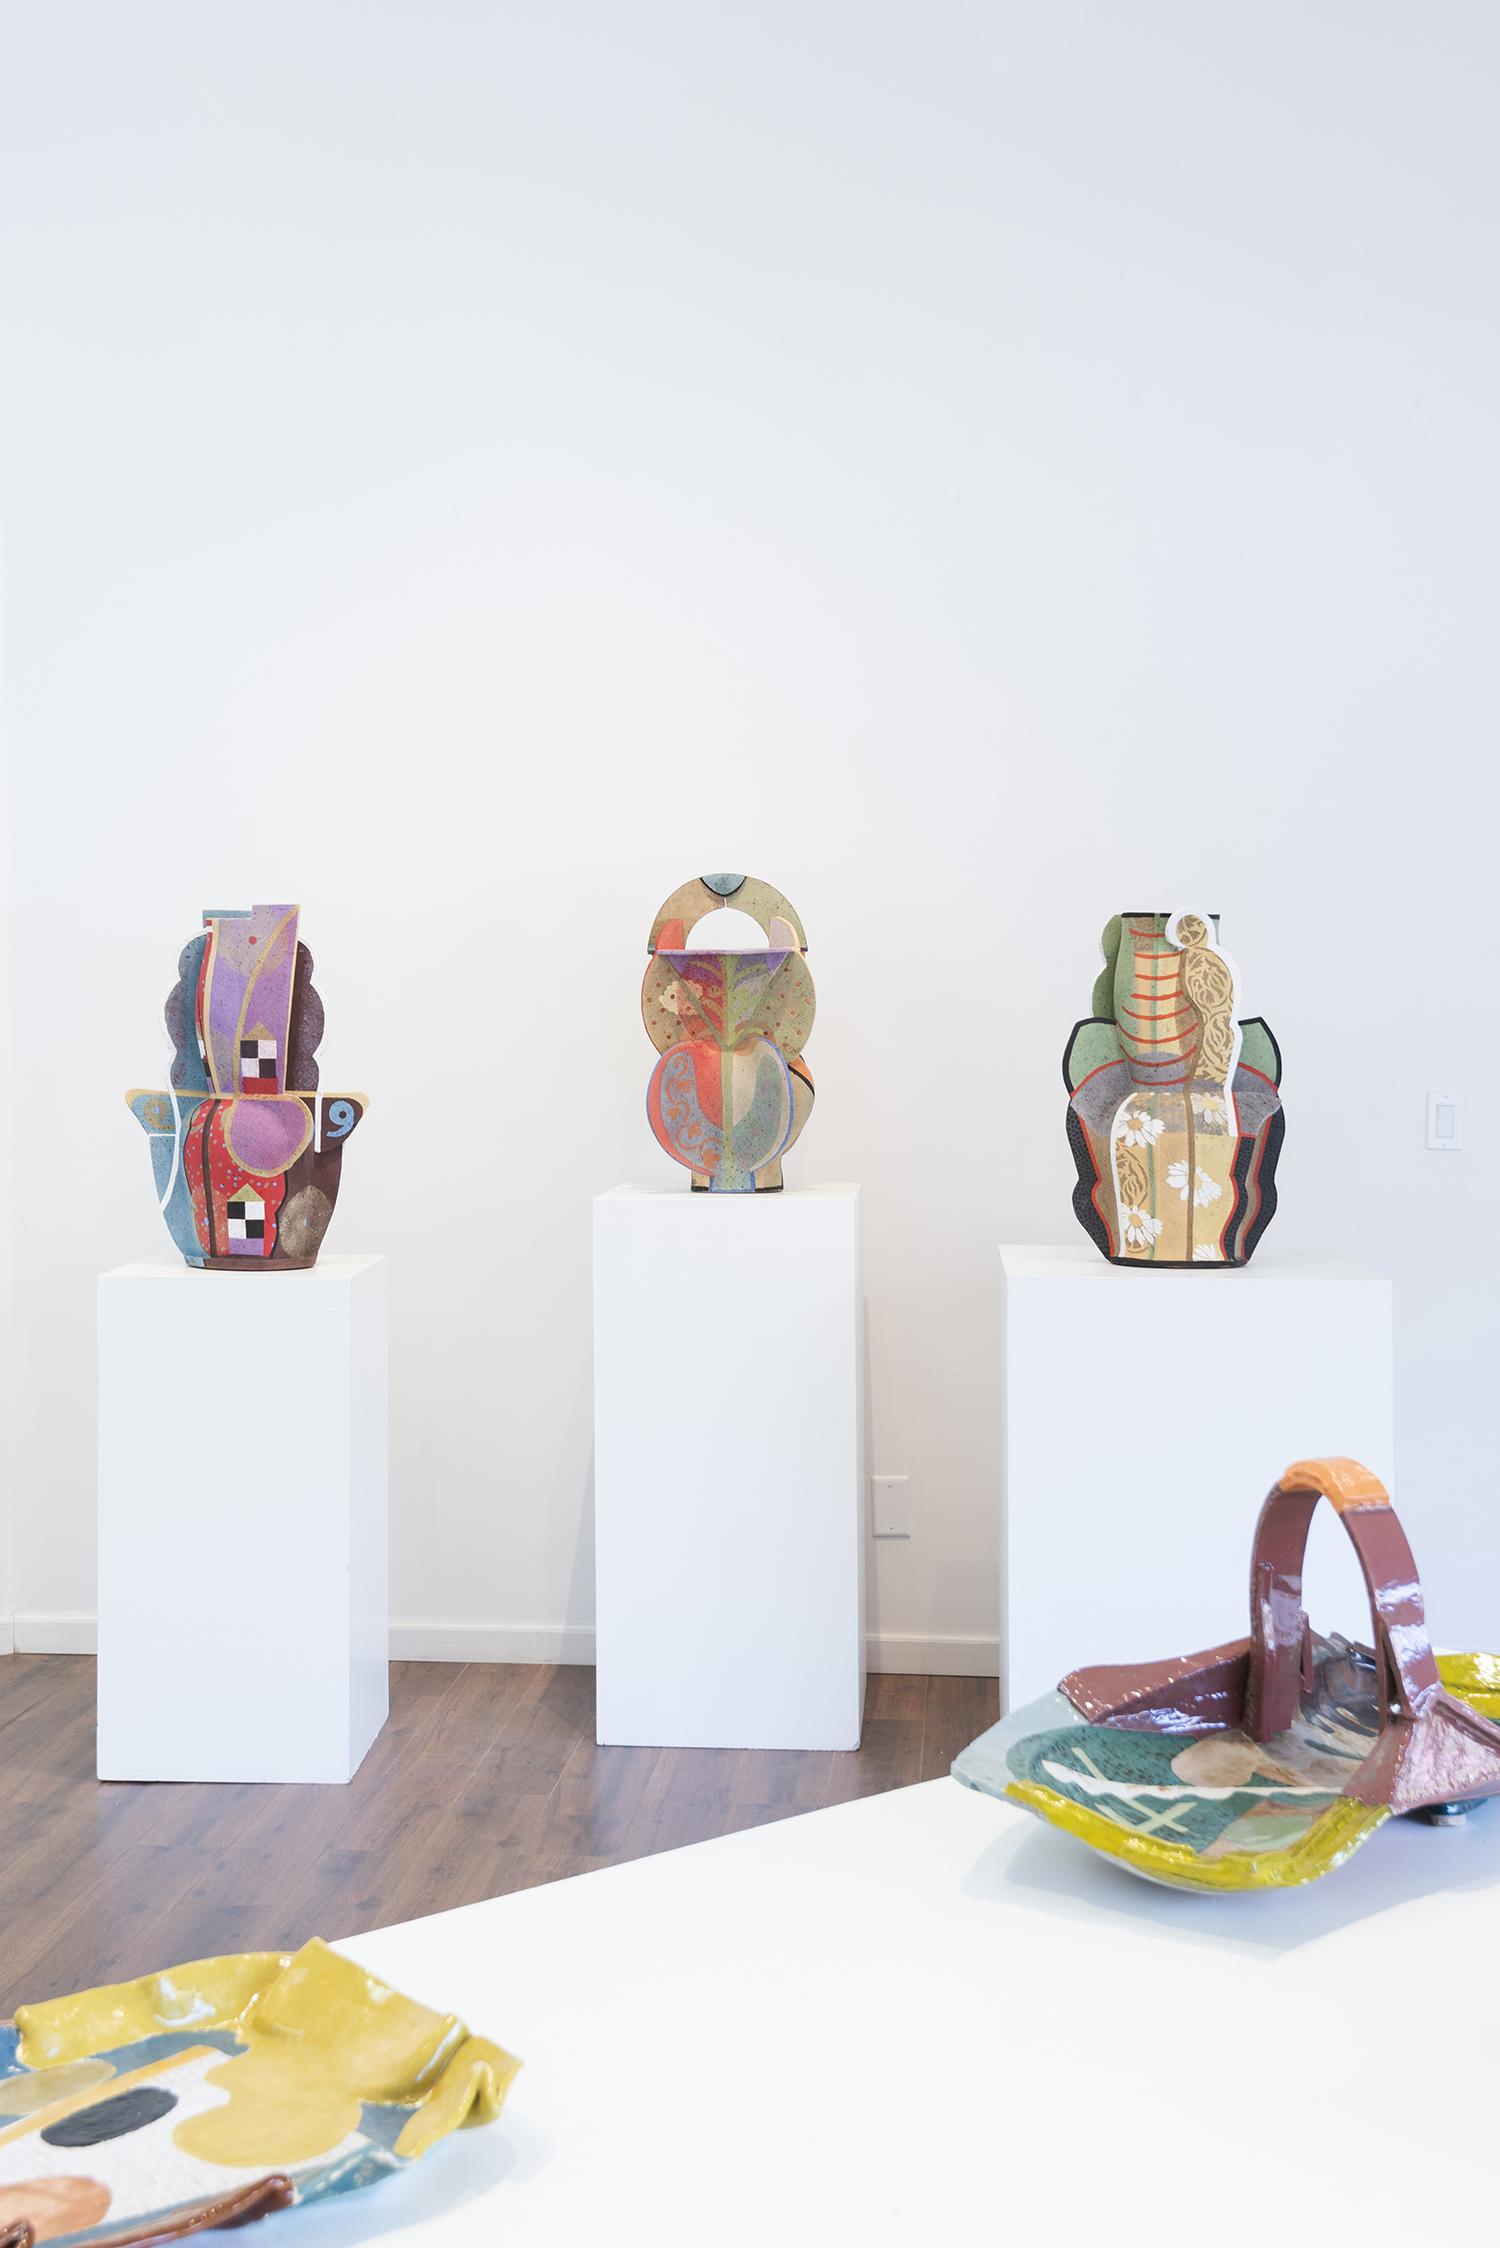 Installation view (Andrea Gill, John Gill)